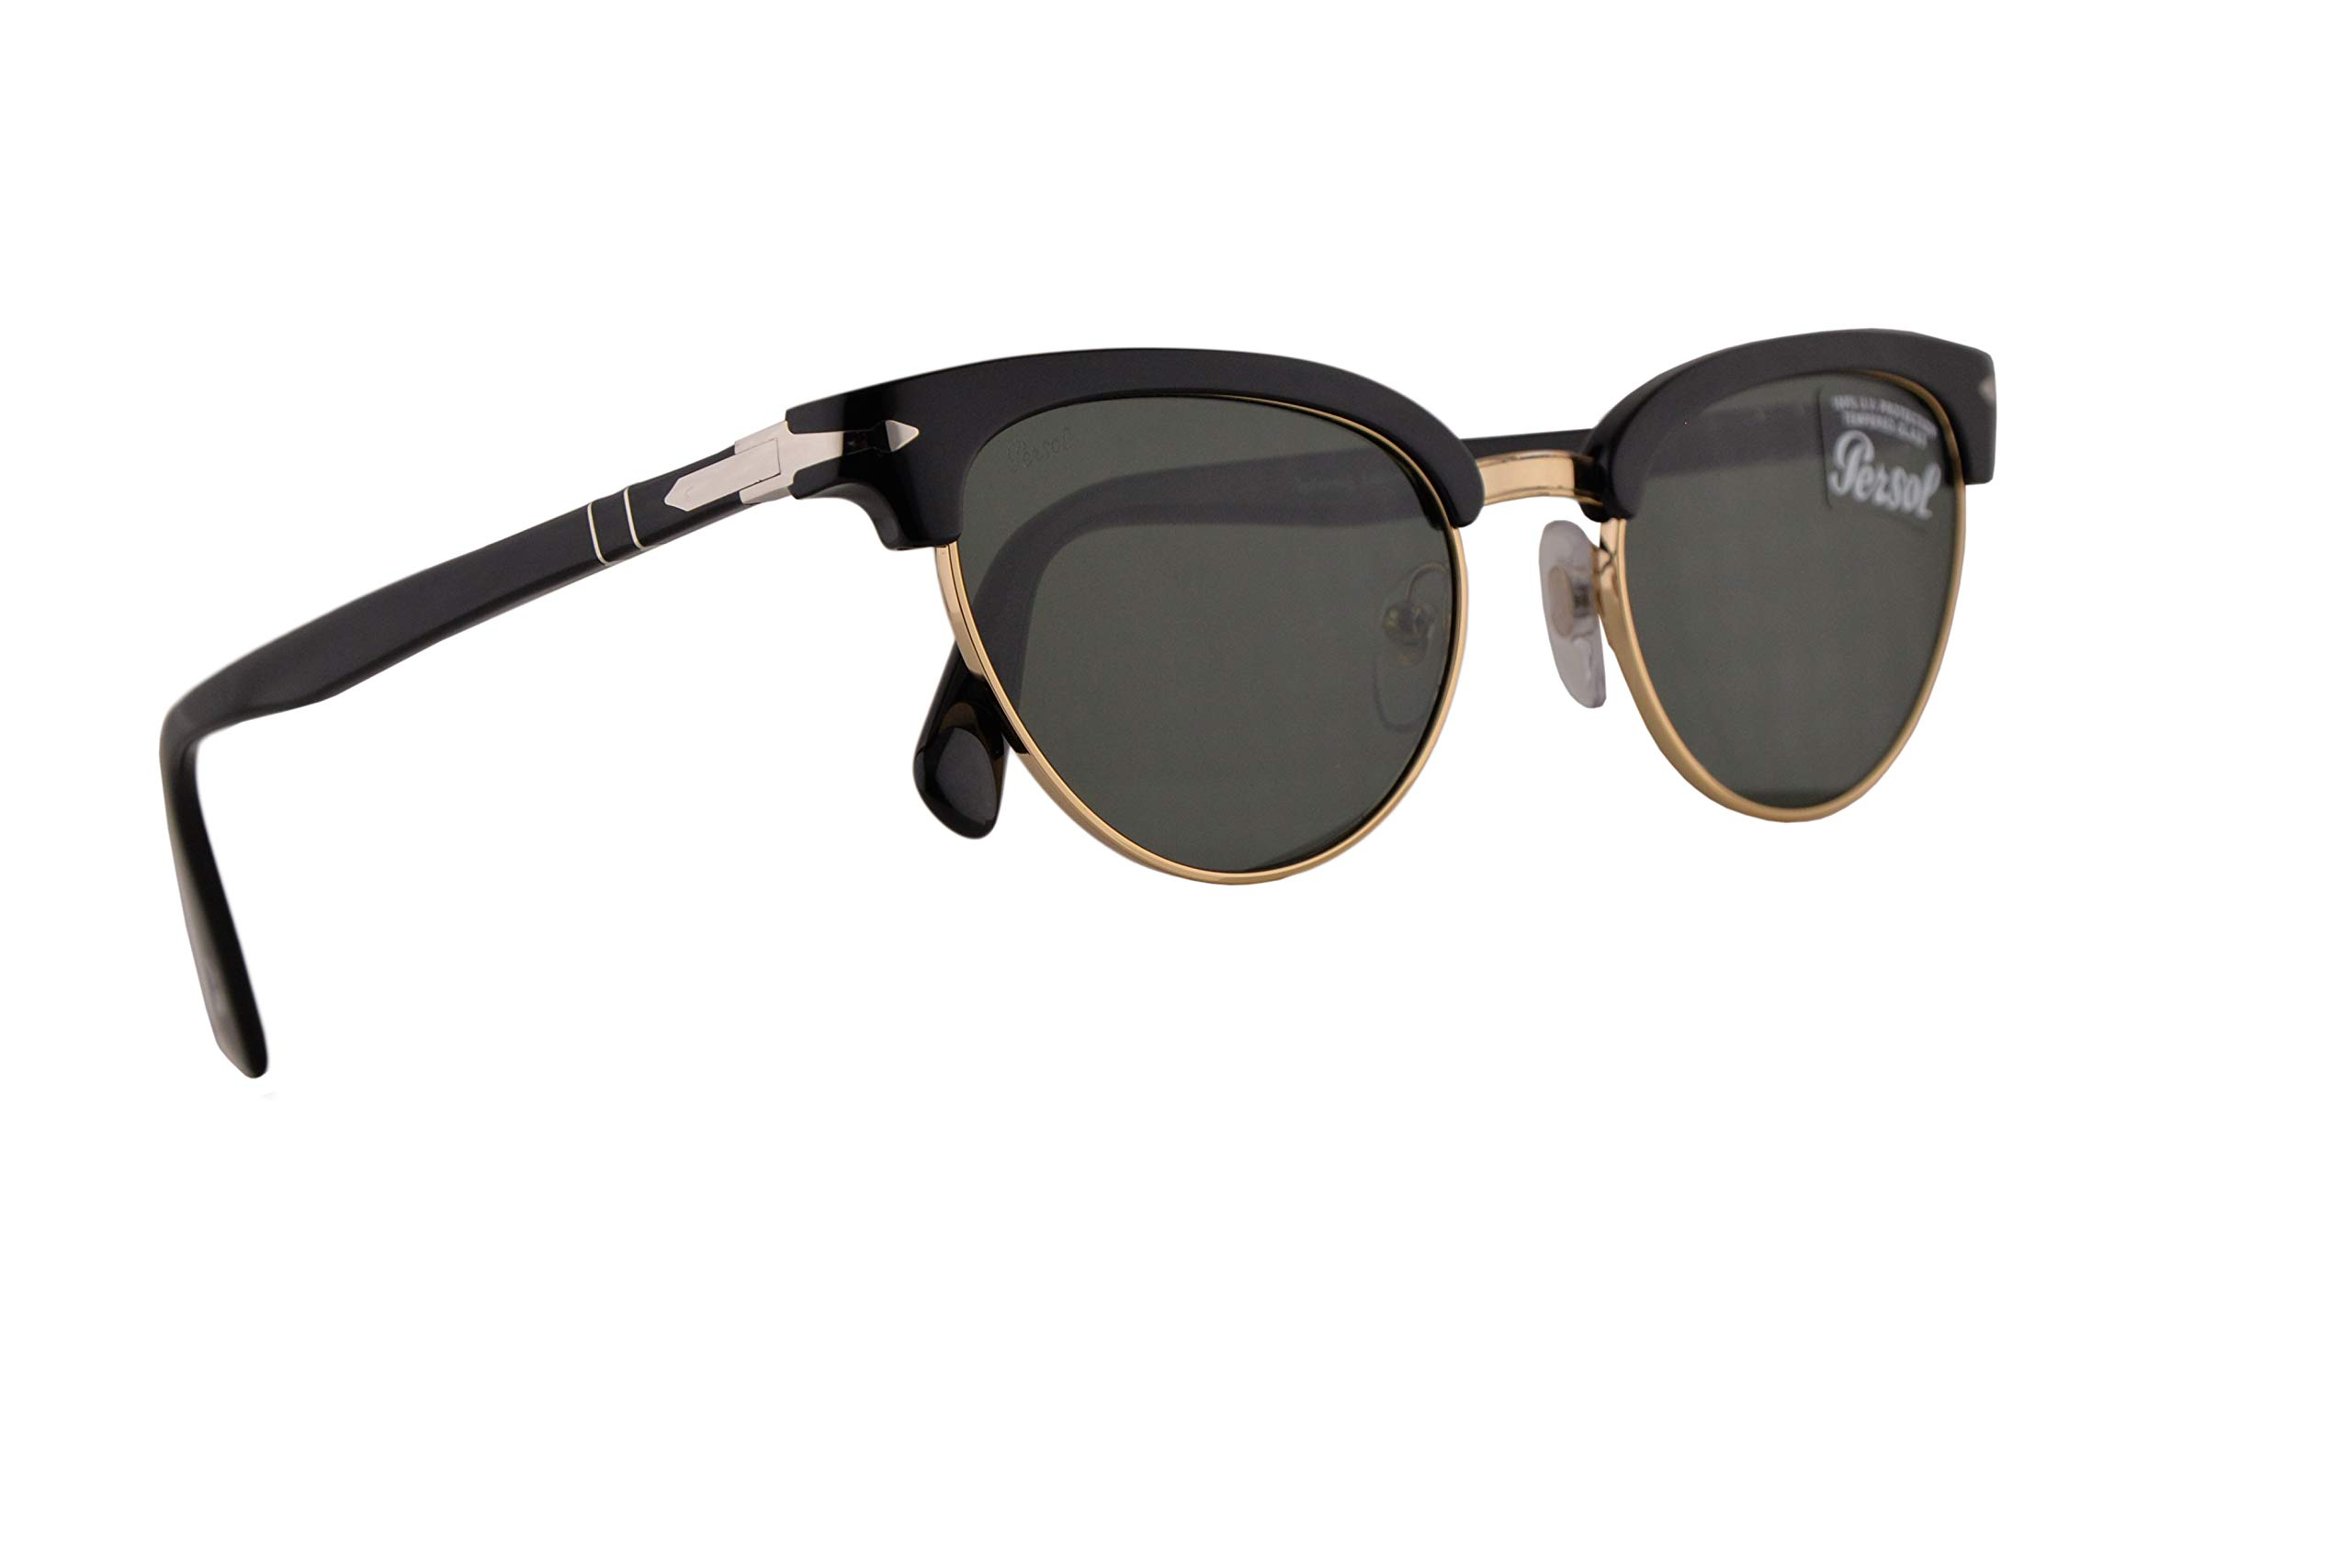 ویکالا · خرید  اصل اورجینال · خرید از آمازون · Persol PO3198S Tailoring Edition Sunglasses Black w/Green 51mm Lens 9531 PO 3198S PO 3198-S PO3198-S wekala · ویکالا